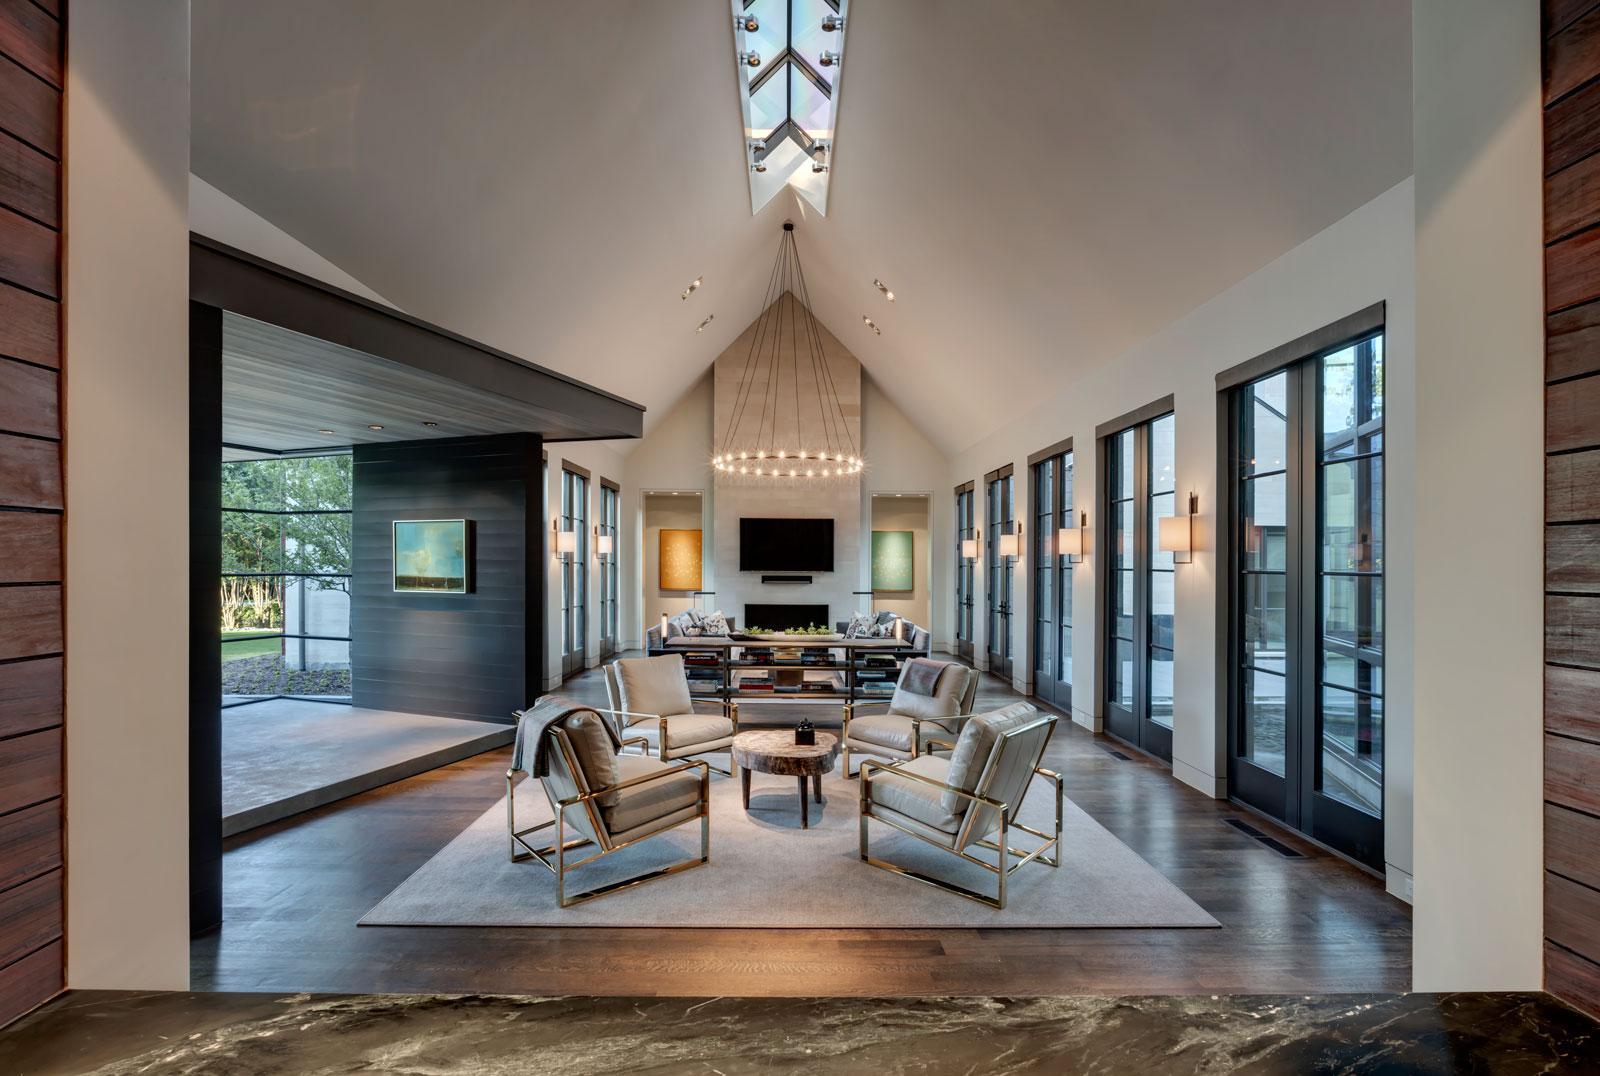 Aia Dallas Tour Of Homes Alice Cottrell Interior Design